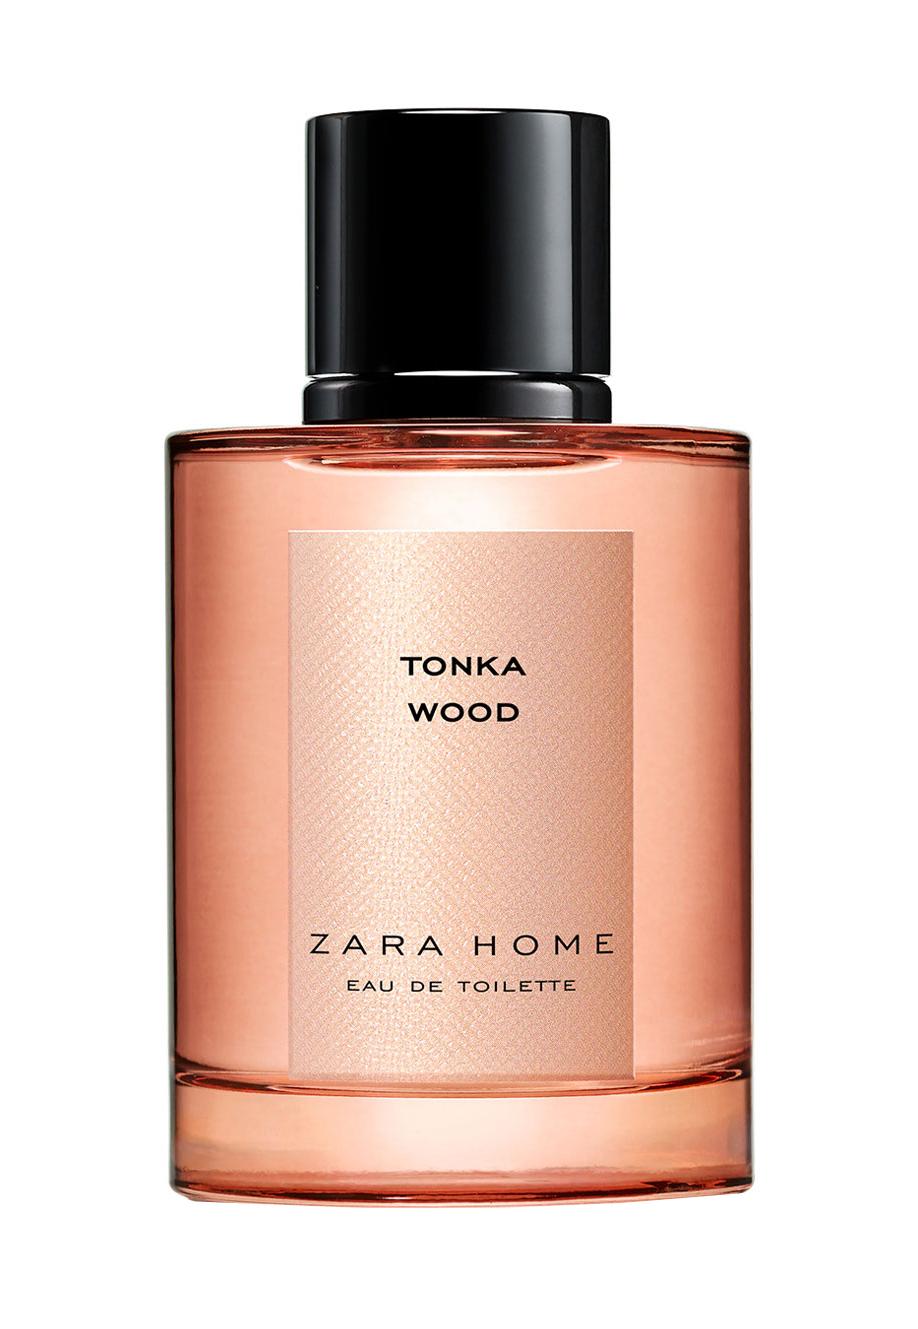 Tonka Wood Zara Home Perfumy To Nowe Perfumy Dla Kobiet I M Czyzn 2016